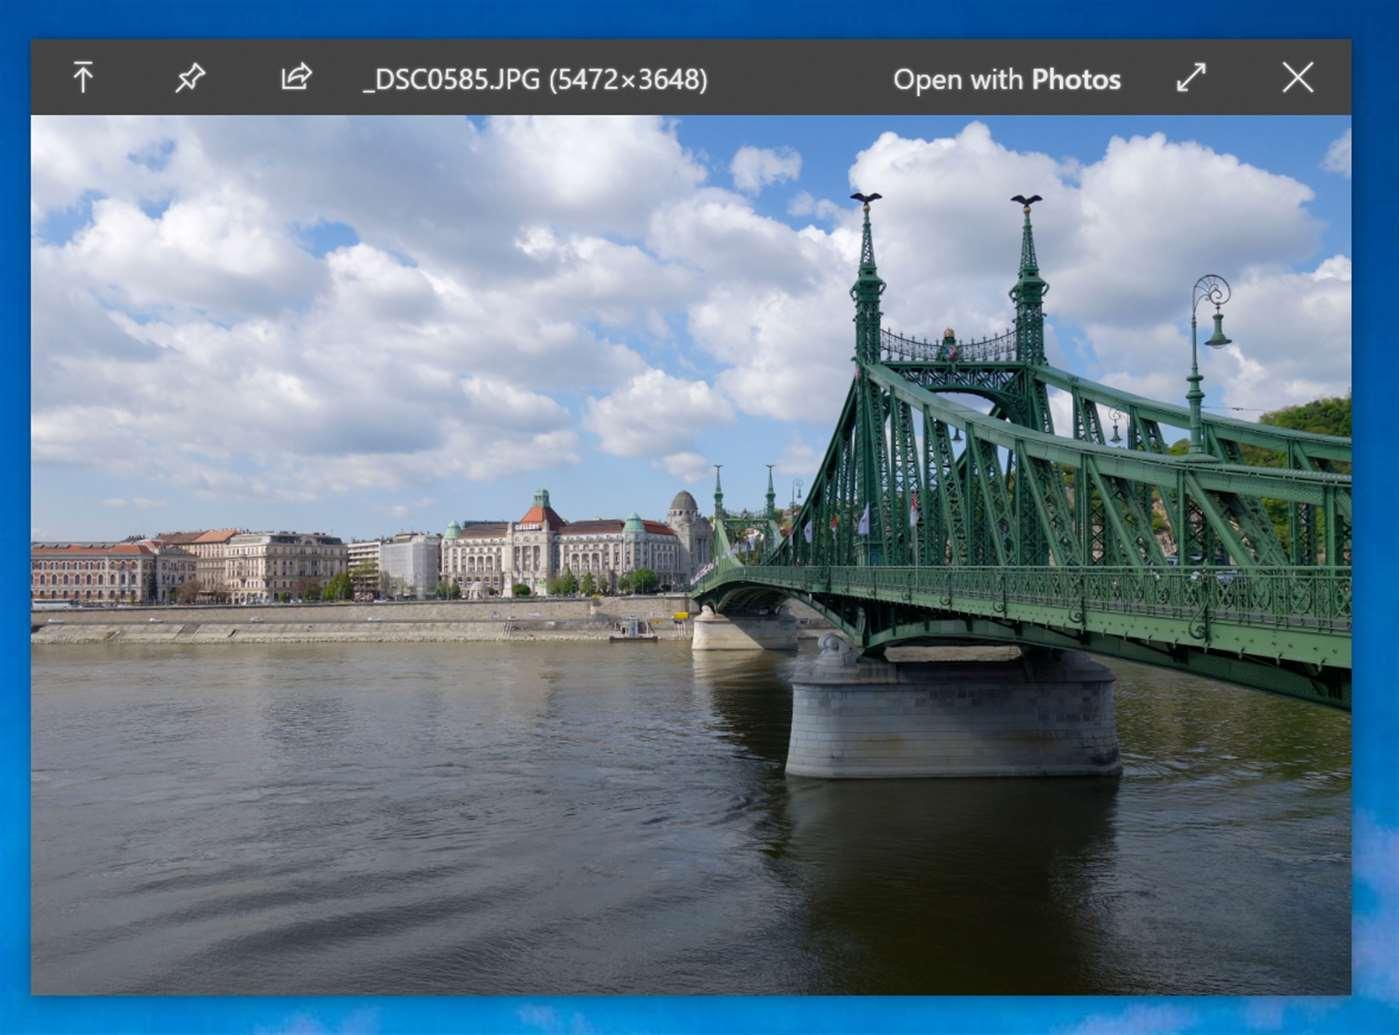 QuickLook Photo Viewer